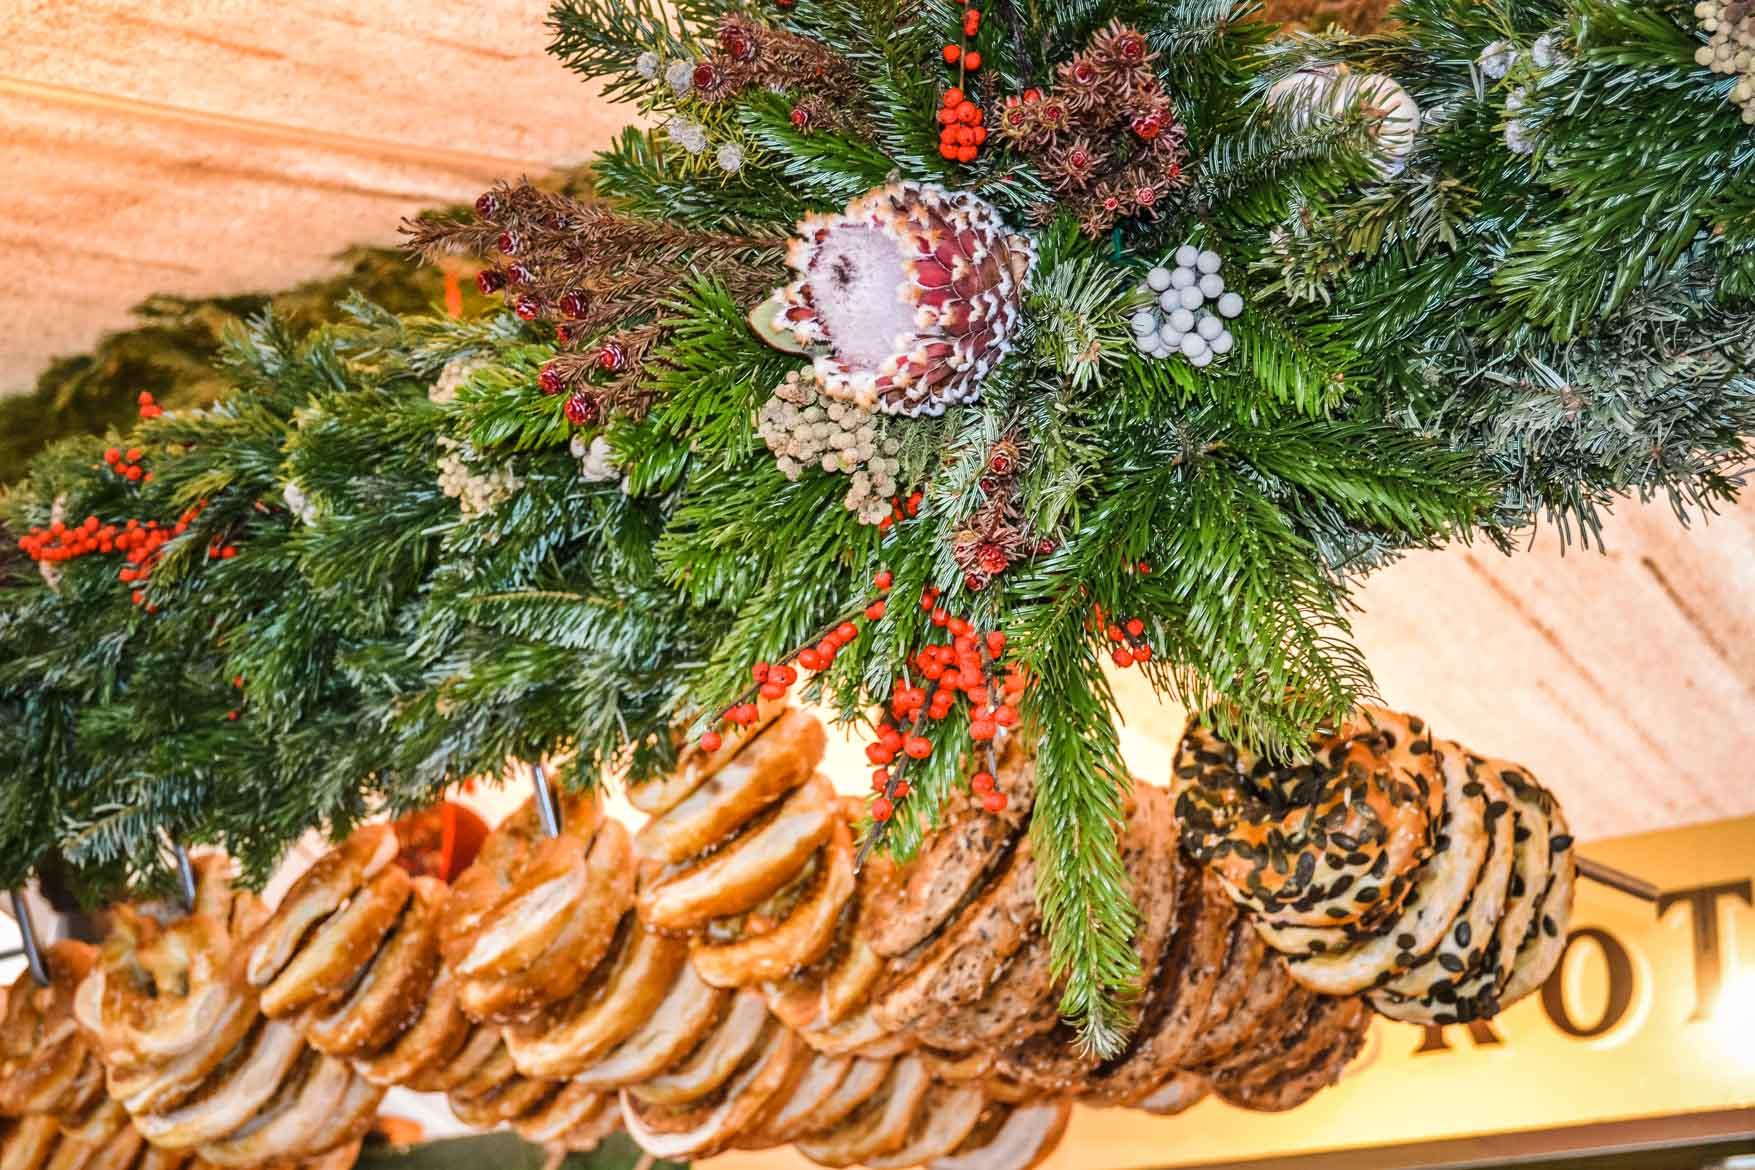 Bolzano Natale mercatino - In viaggio con Monica